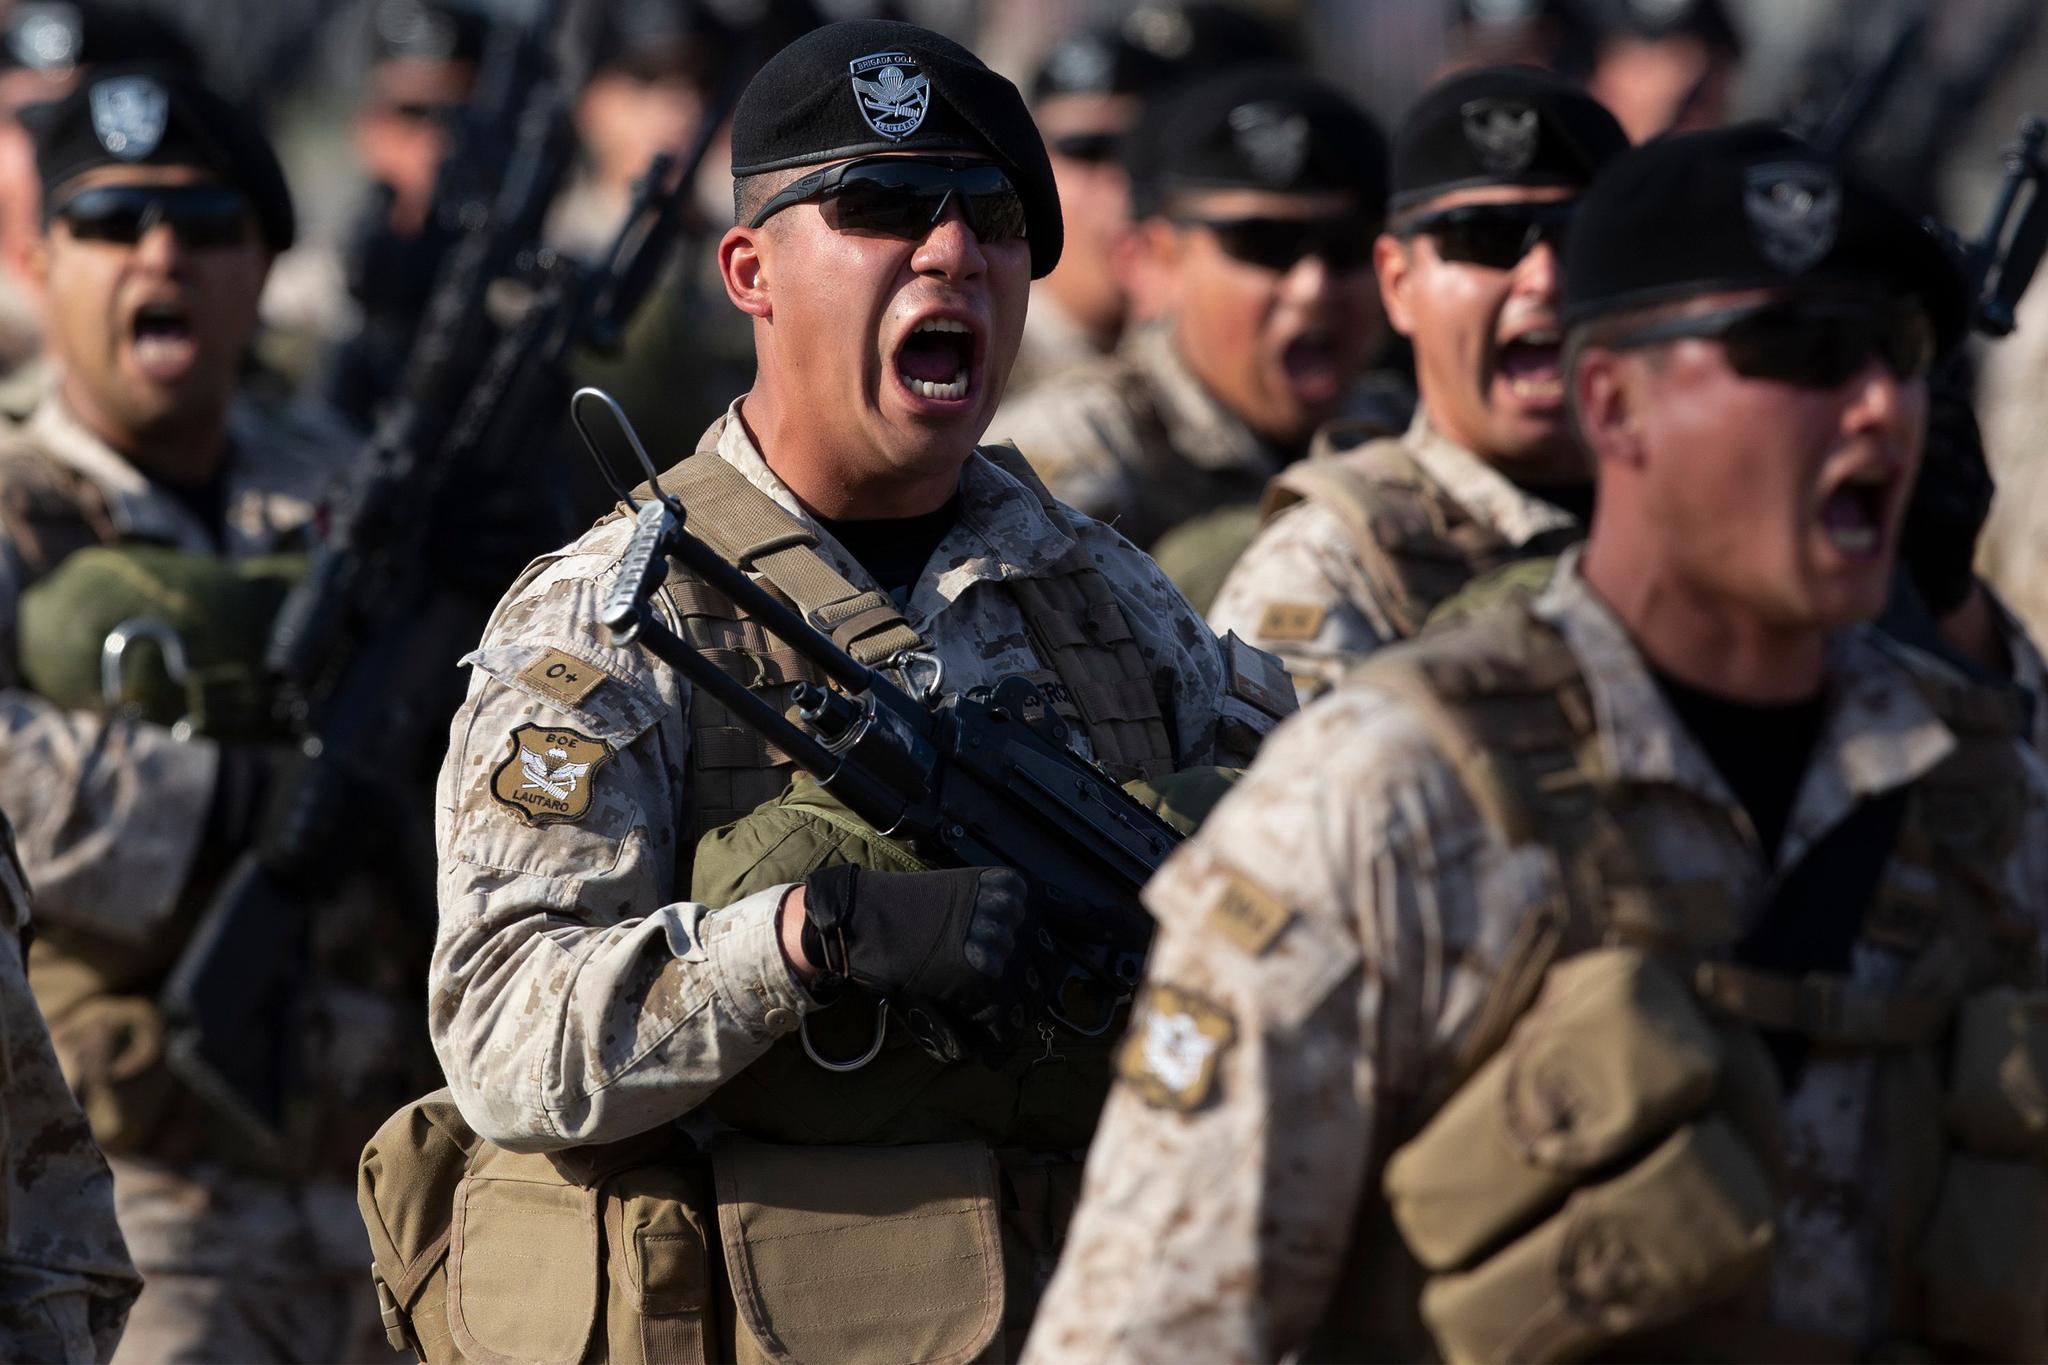 칠레군 특공대가 19일 209주년 독립기념일을 맞아 열린 퍼레이드에서 행진하고 있다. [AFP=연합뉴스]